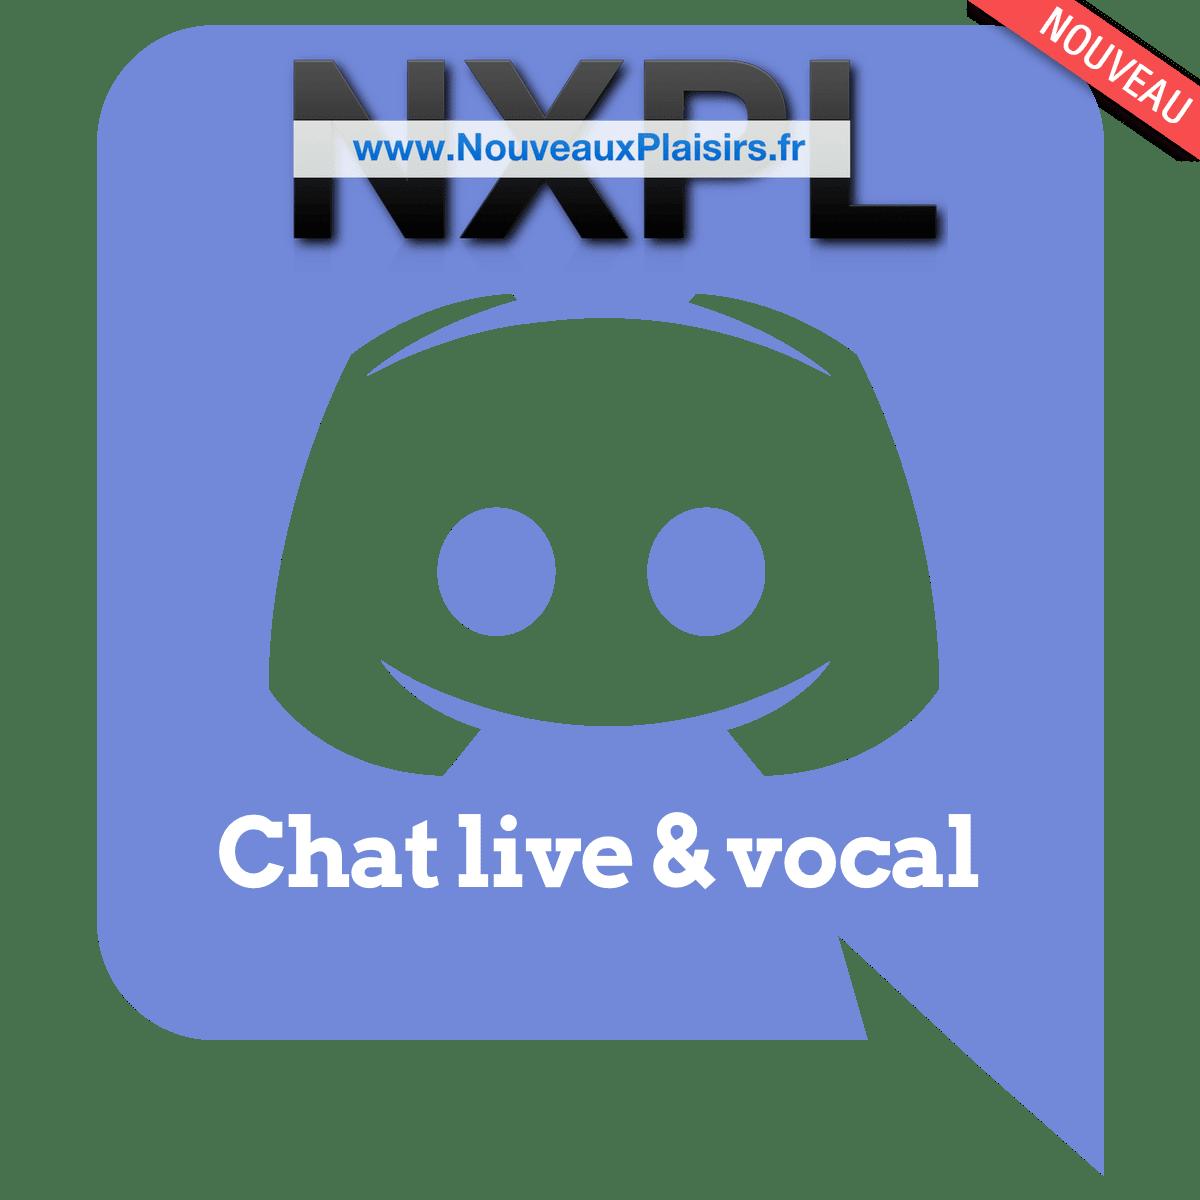 Nouveauté - Serveur discord sur NouveauxPlaisirs.fr - Discutez en temps réel - voix ou chat - NXPL